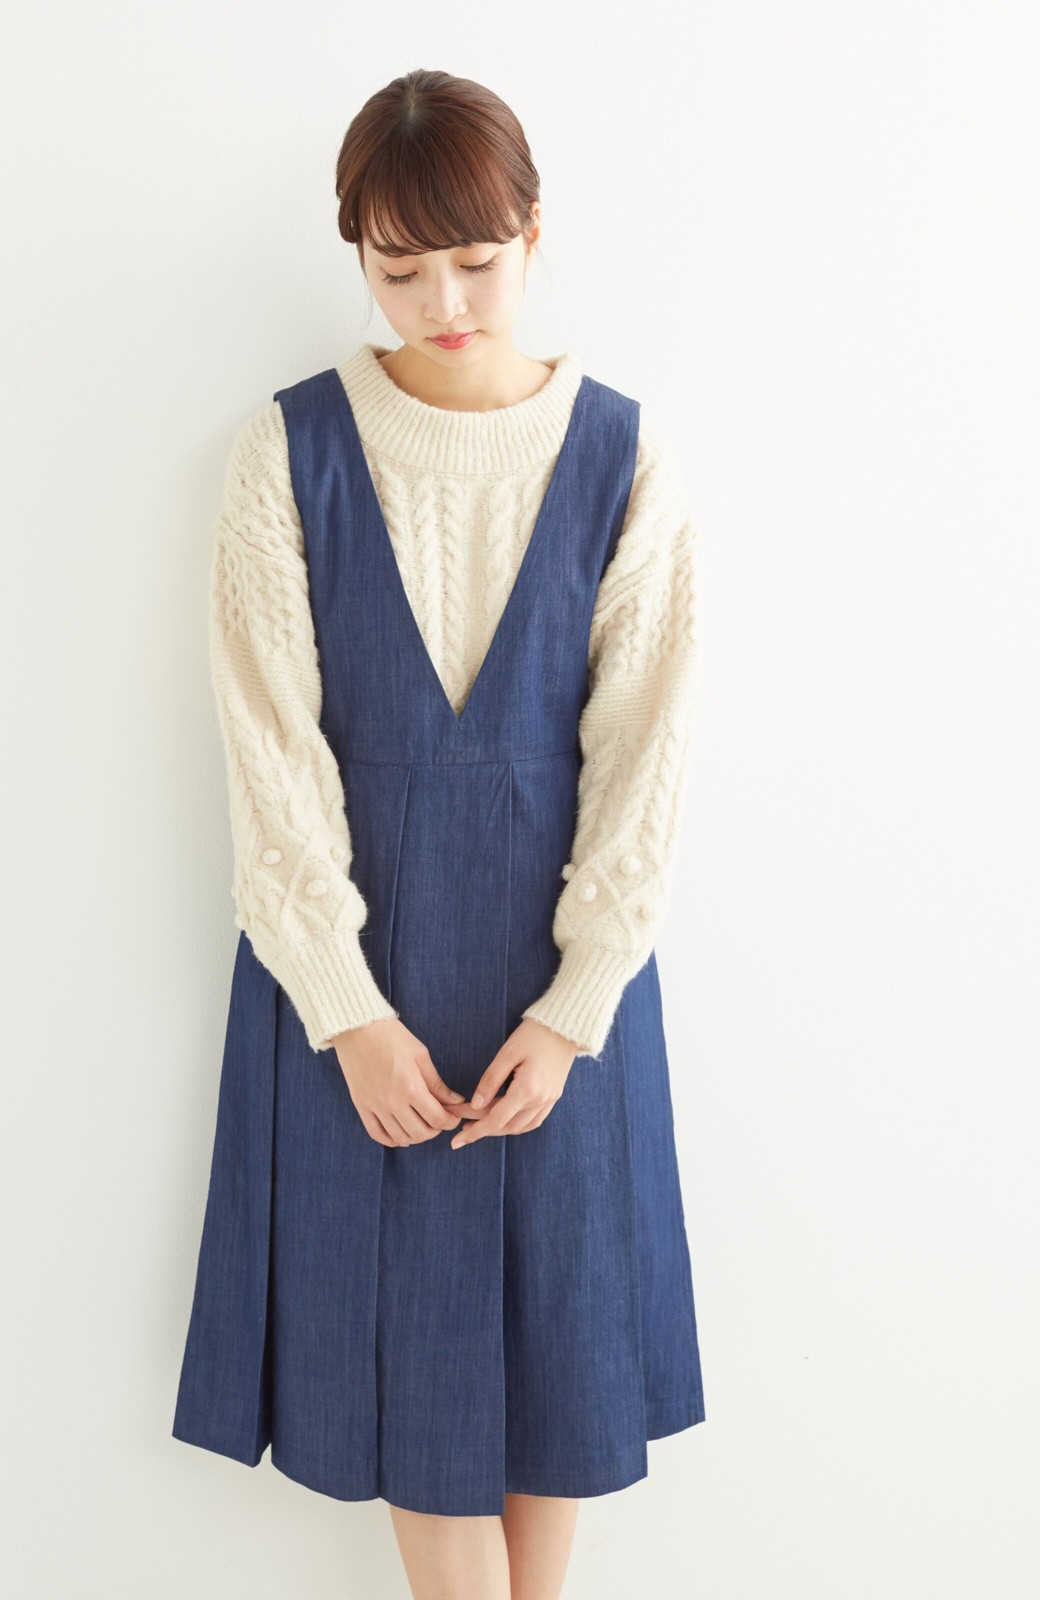 nusy やわらか麻混デニム素材のビッグプリーツジャンパースカート <インディゴブルー>の商品写真8